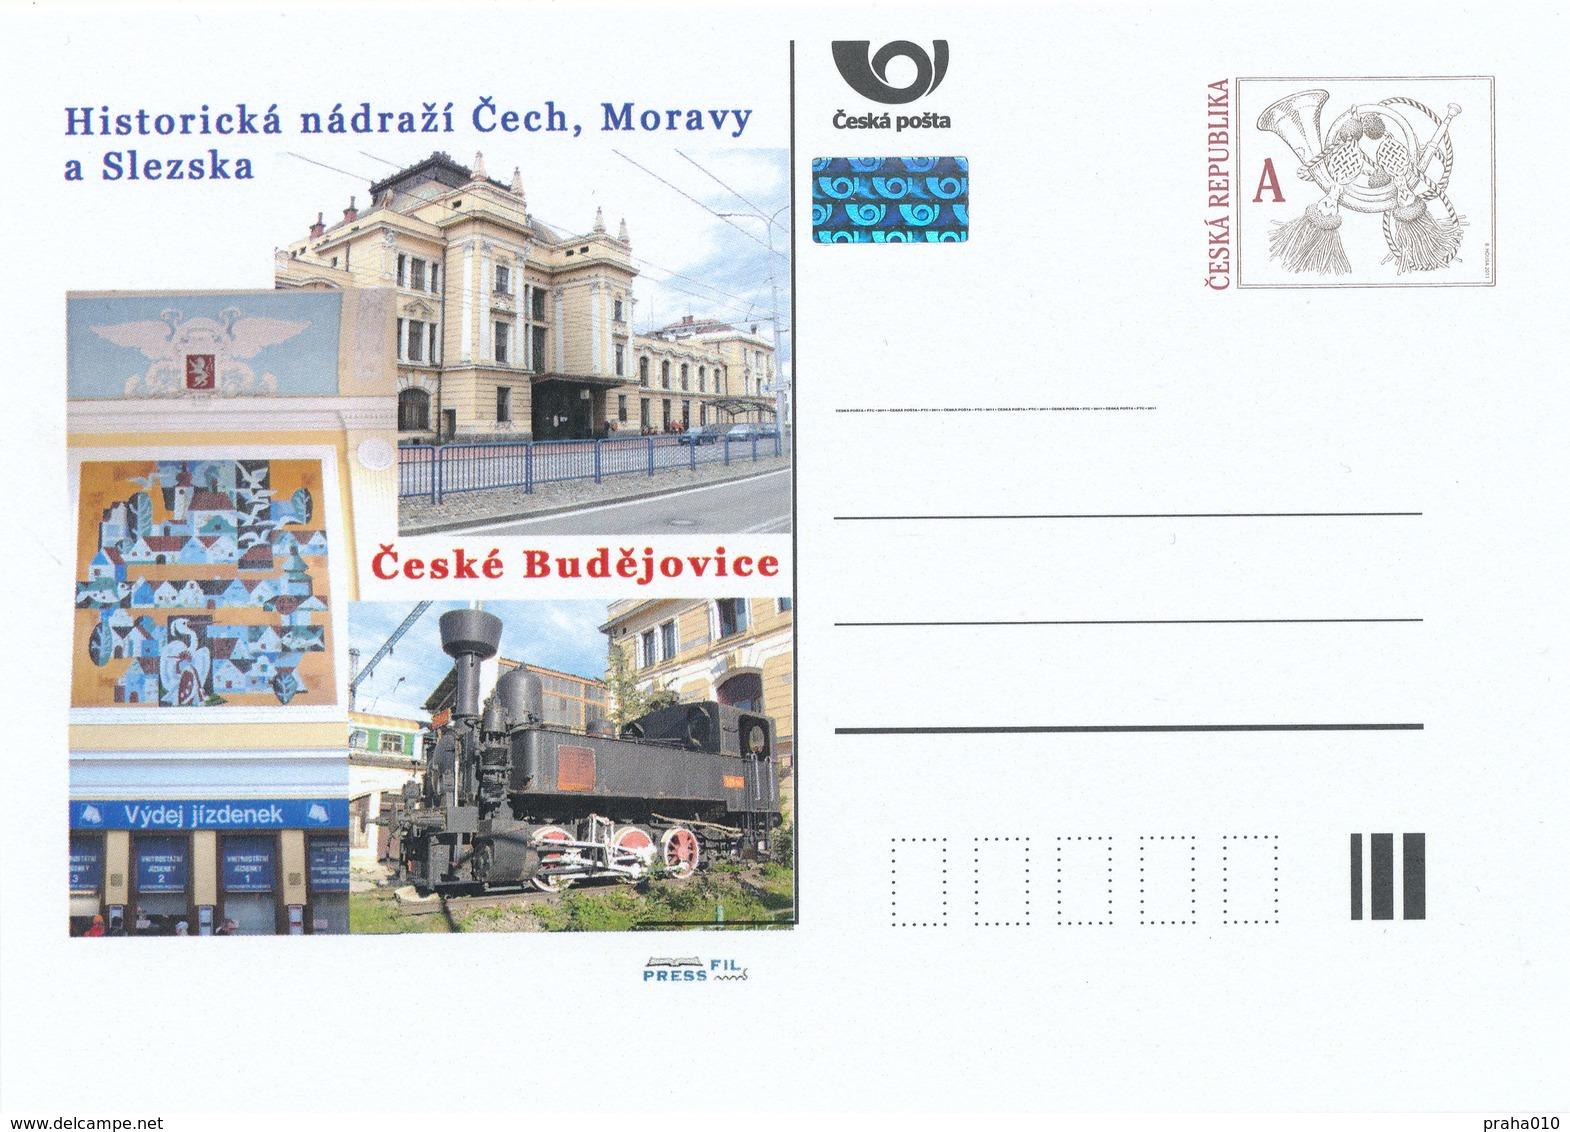 Rep. Ceca / Cart. Postali (Pre2015/50) Stazione Ferroviaria Storica In Boemia, Moravia E Slesia - C. Budejovice - Fabbriche E Imprese